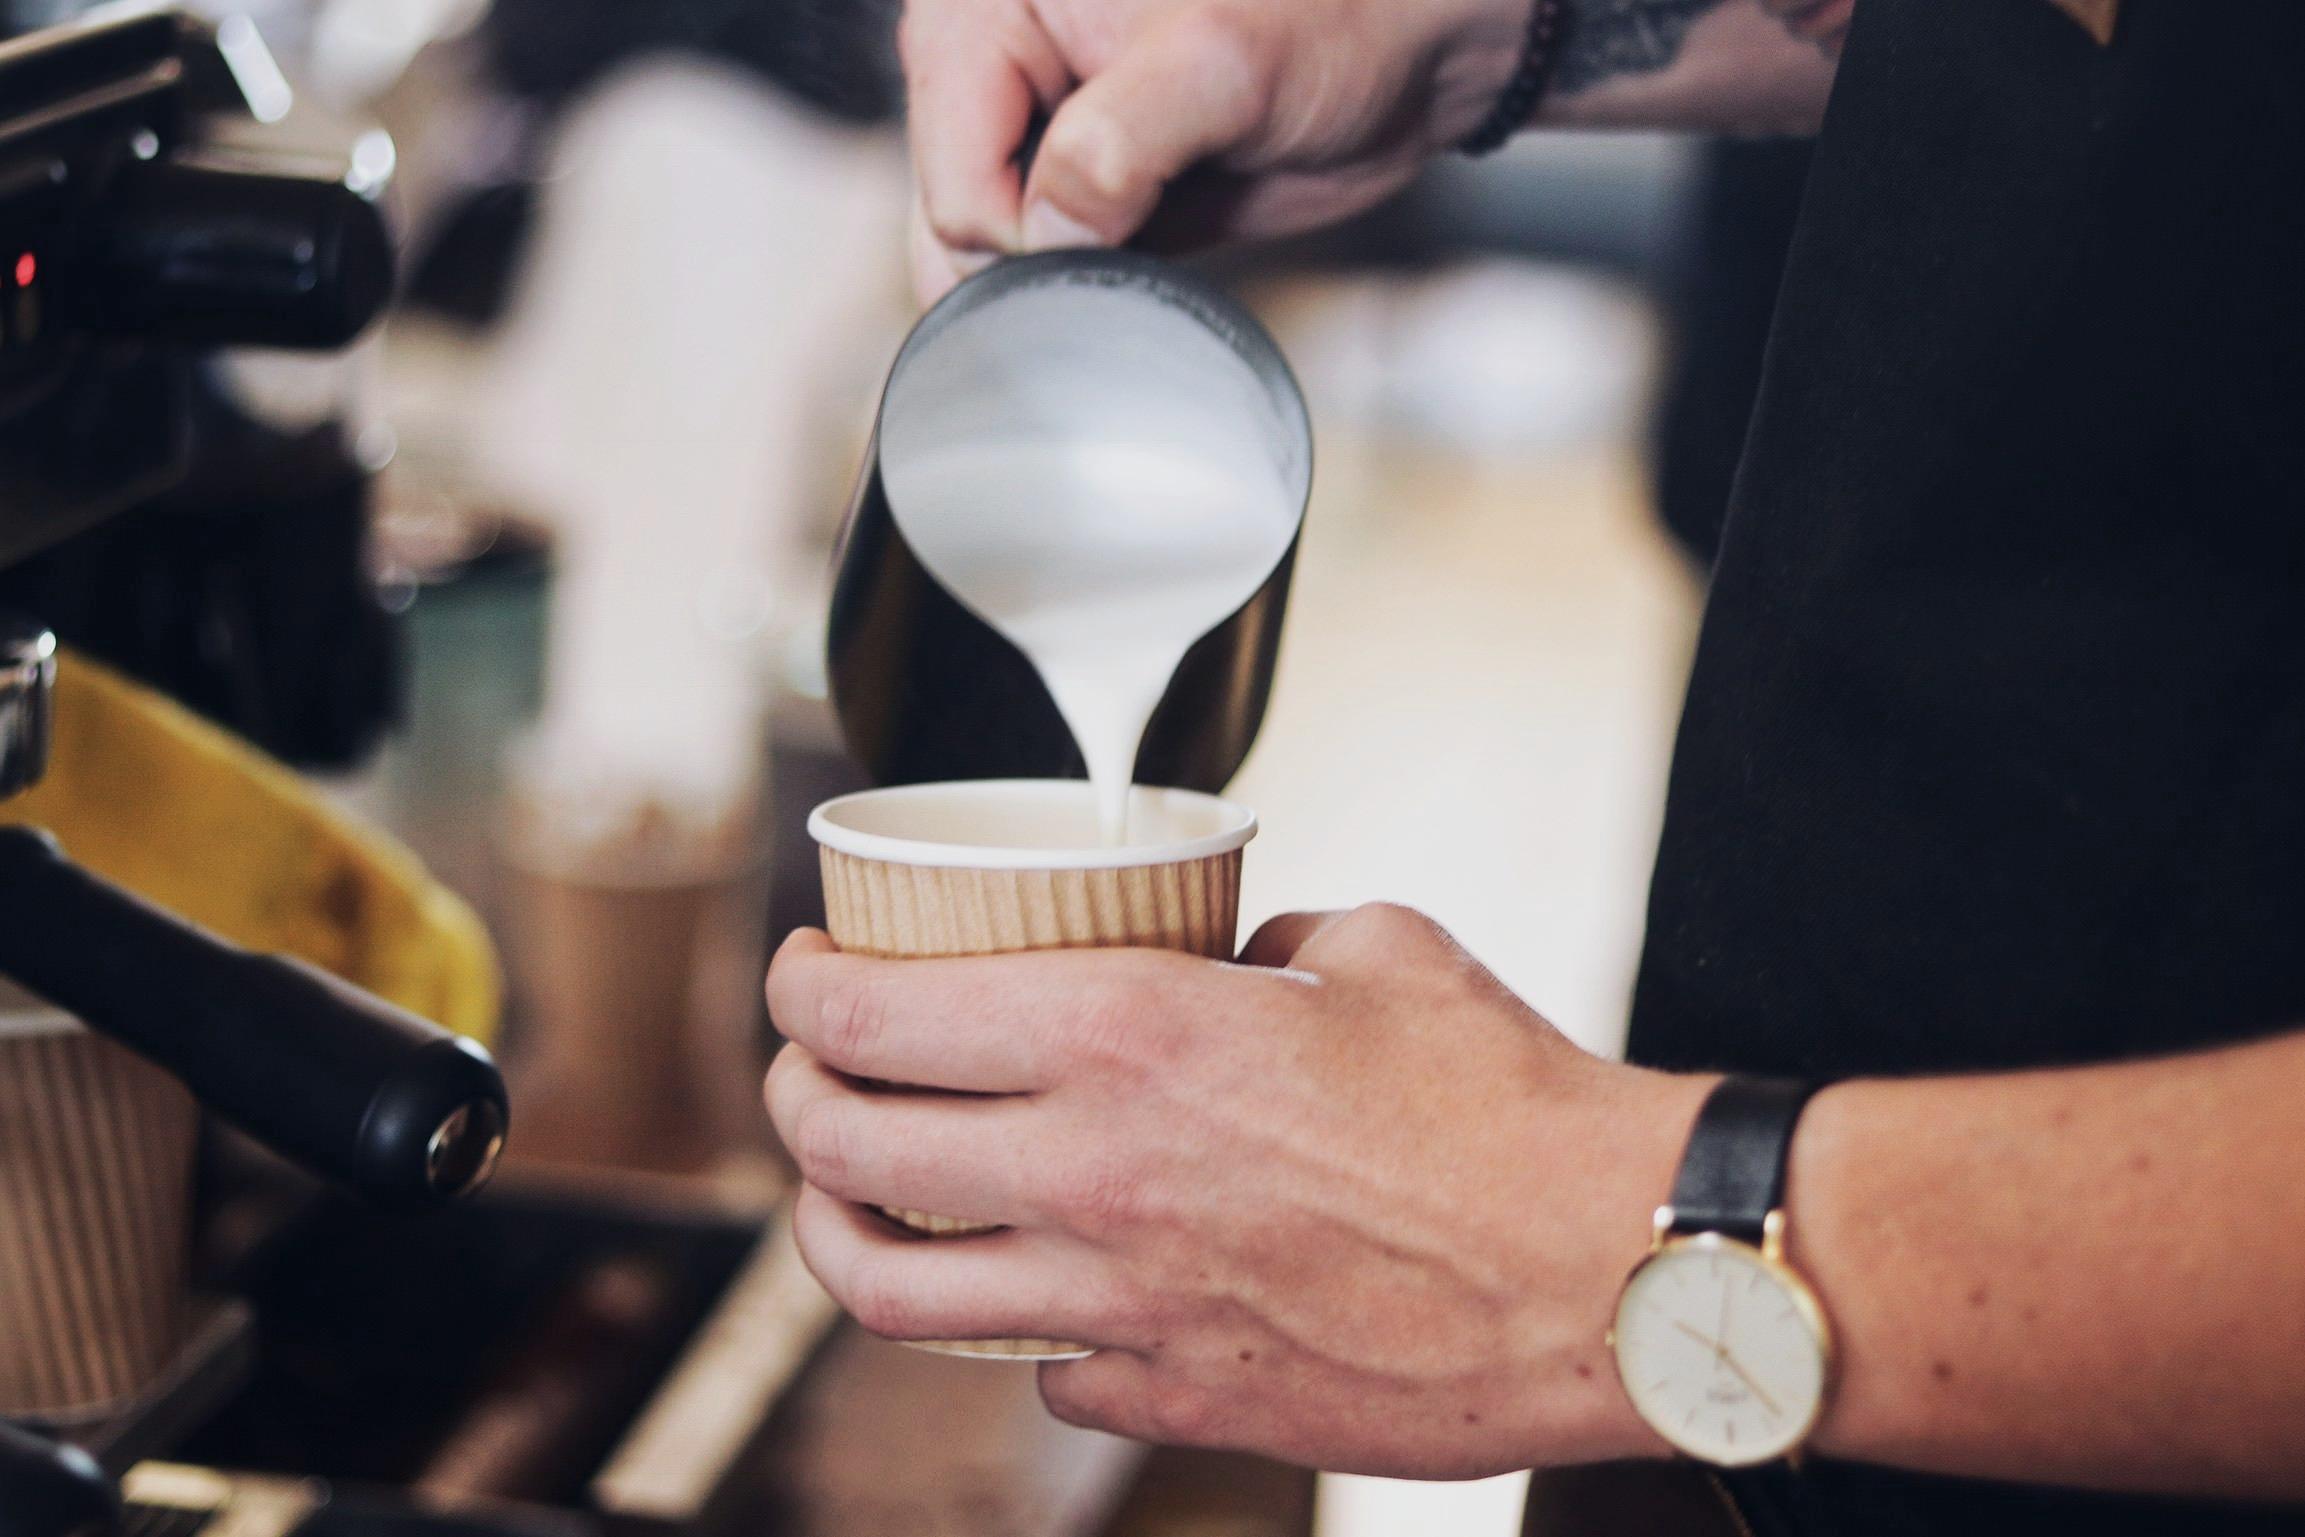 - Bliv barista for en dag! Book et baristakursus og bliv ekspert i kaffebrygning.